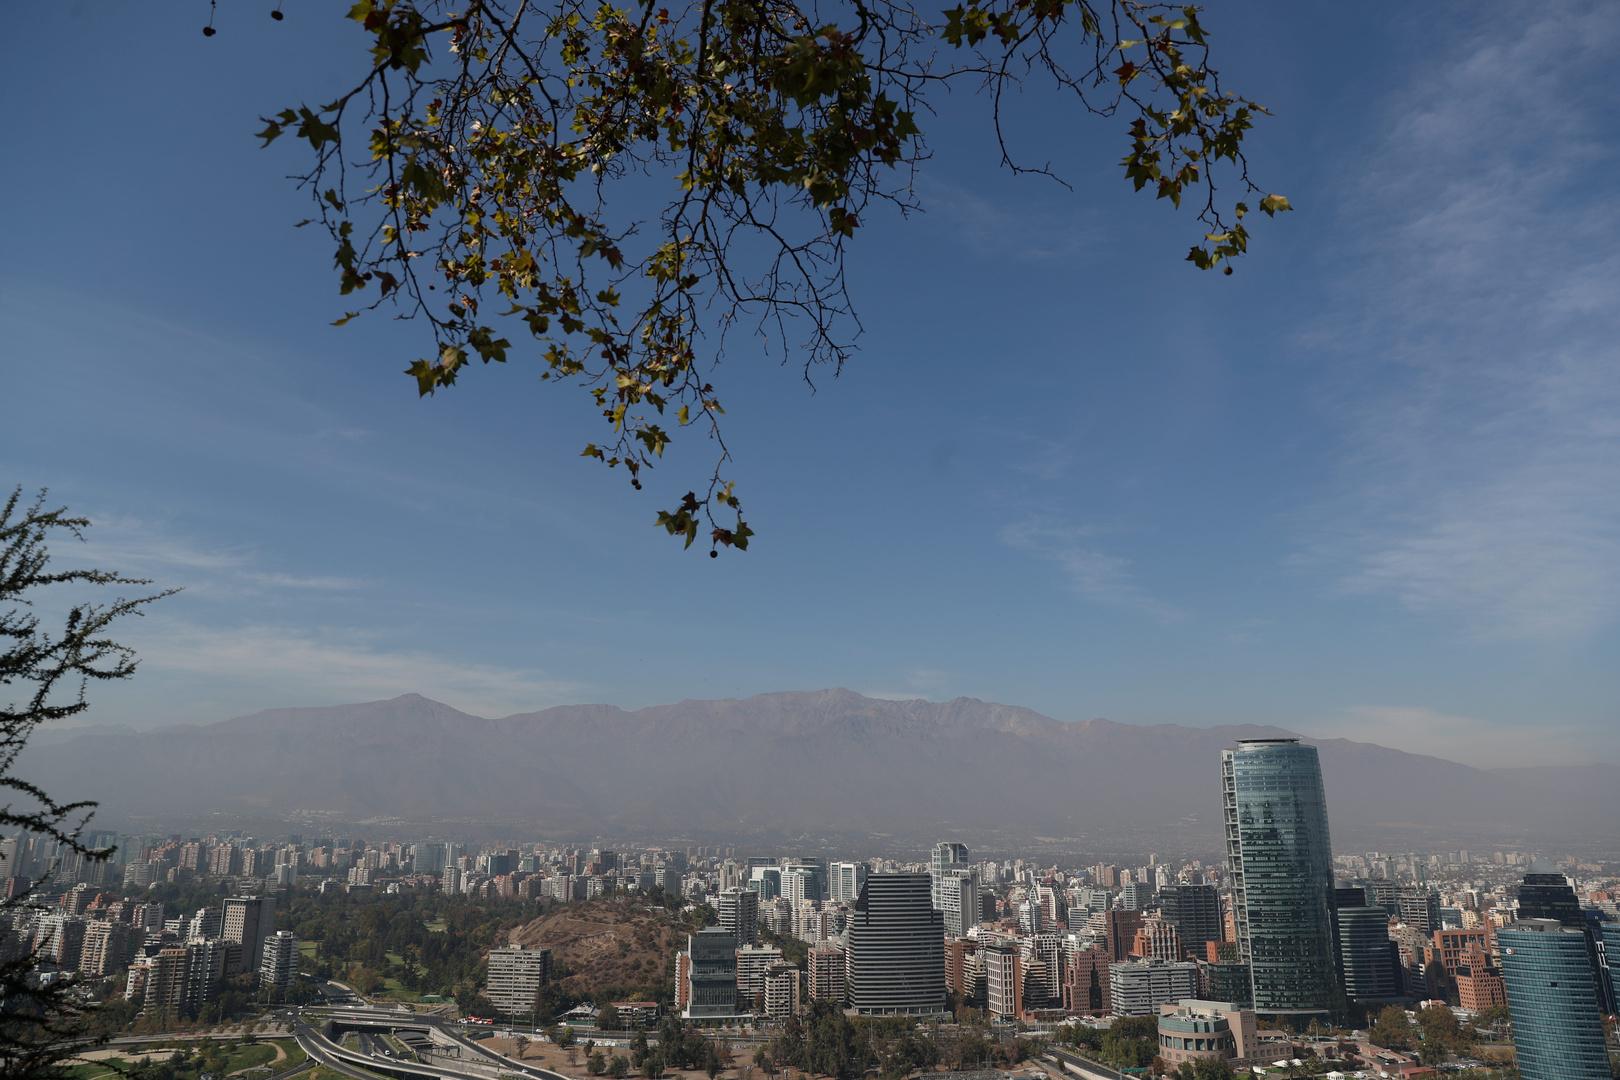 عاصمة تشيلي سانتياغو.